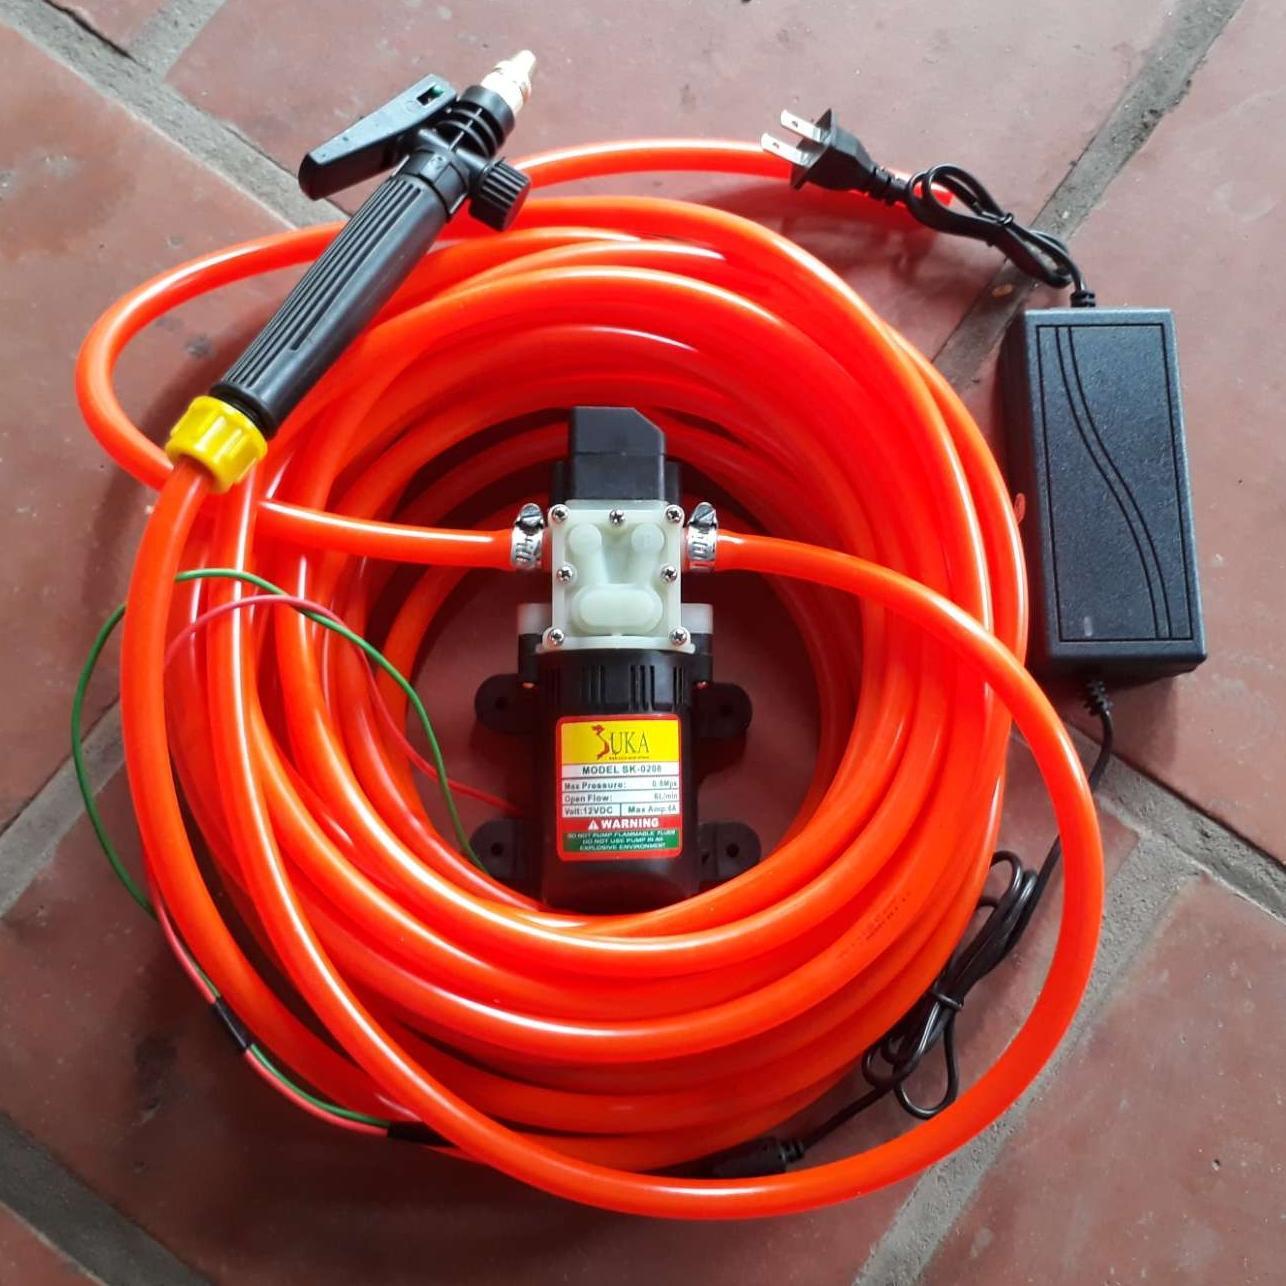 Hình ảnh Máy rửa xe mini CỰC MẠNH 6m dây-máy bơm nước mini 12v - rửa xe đa năng